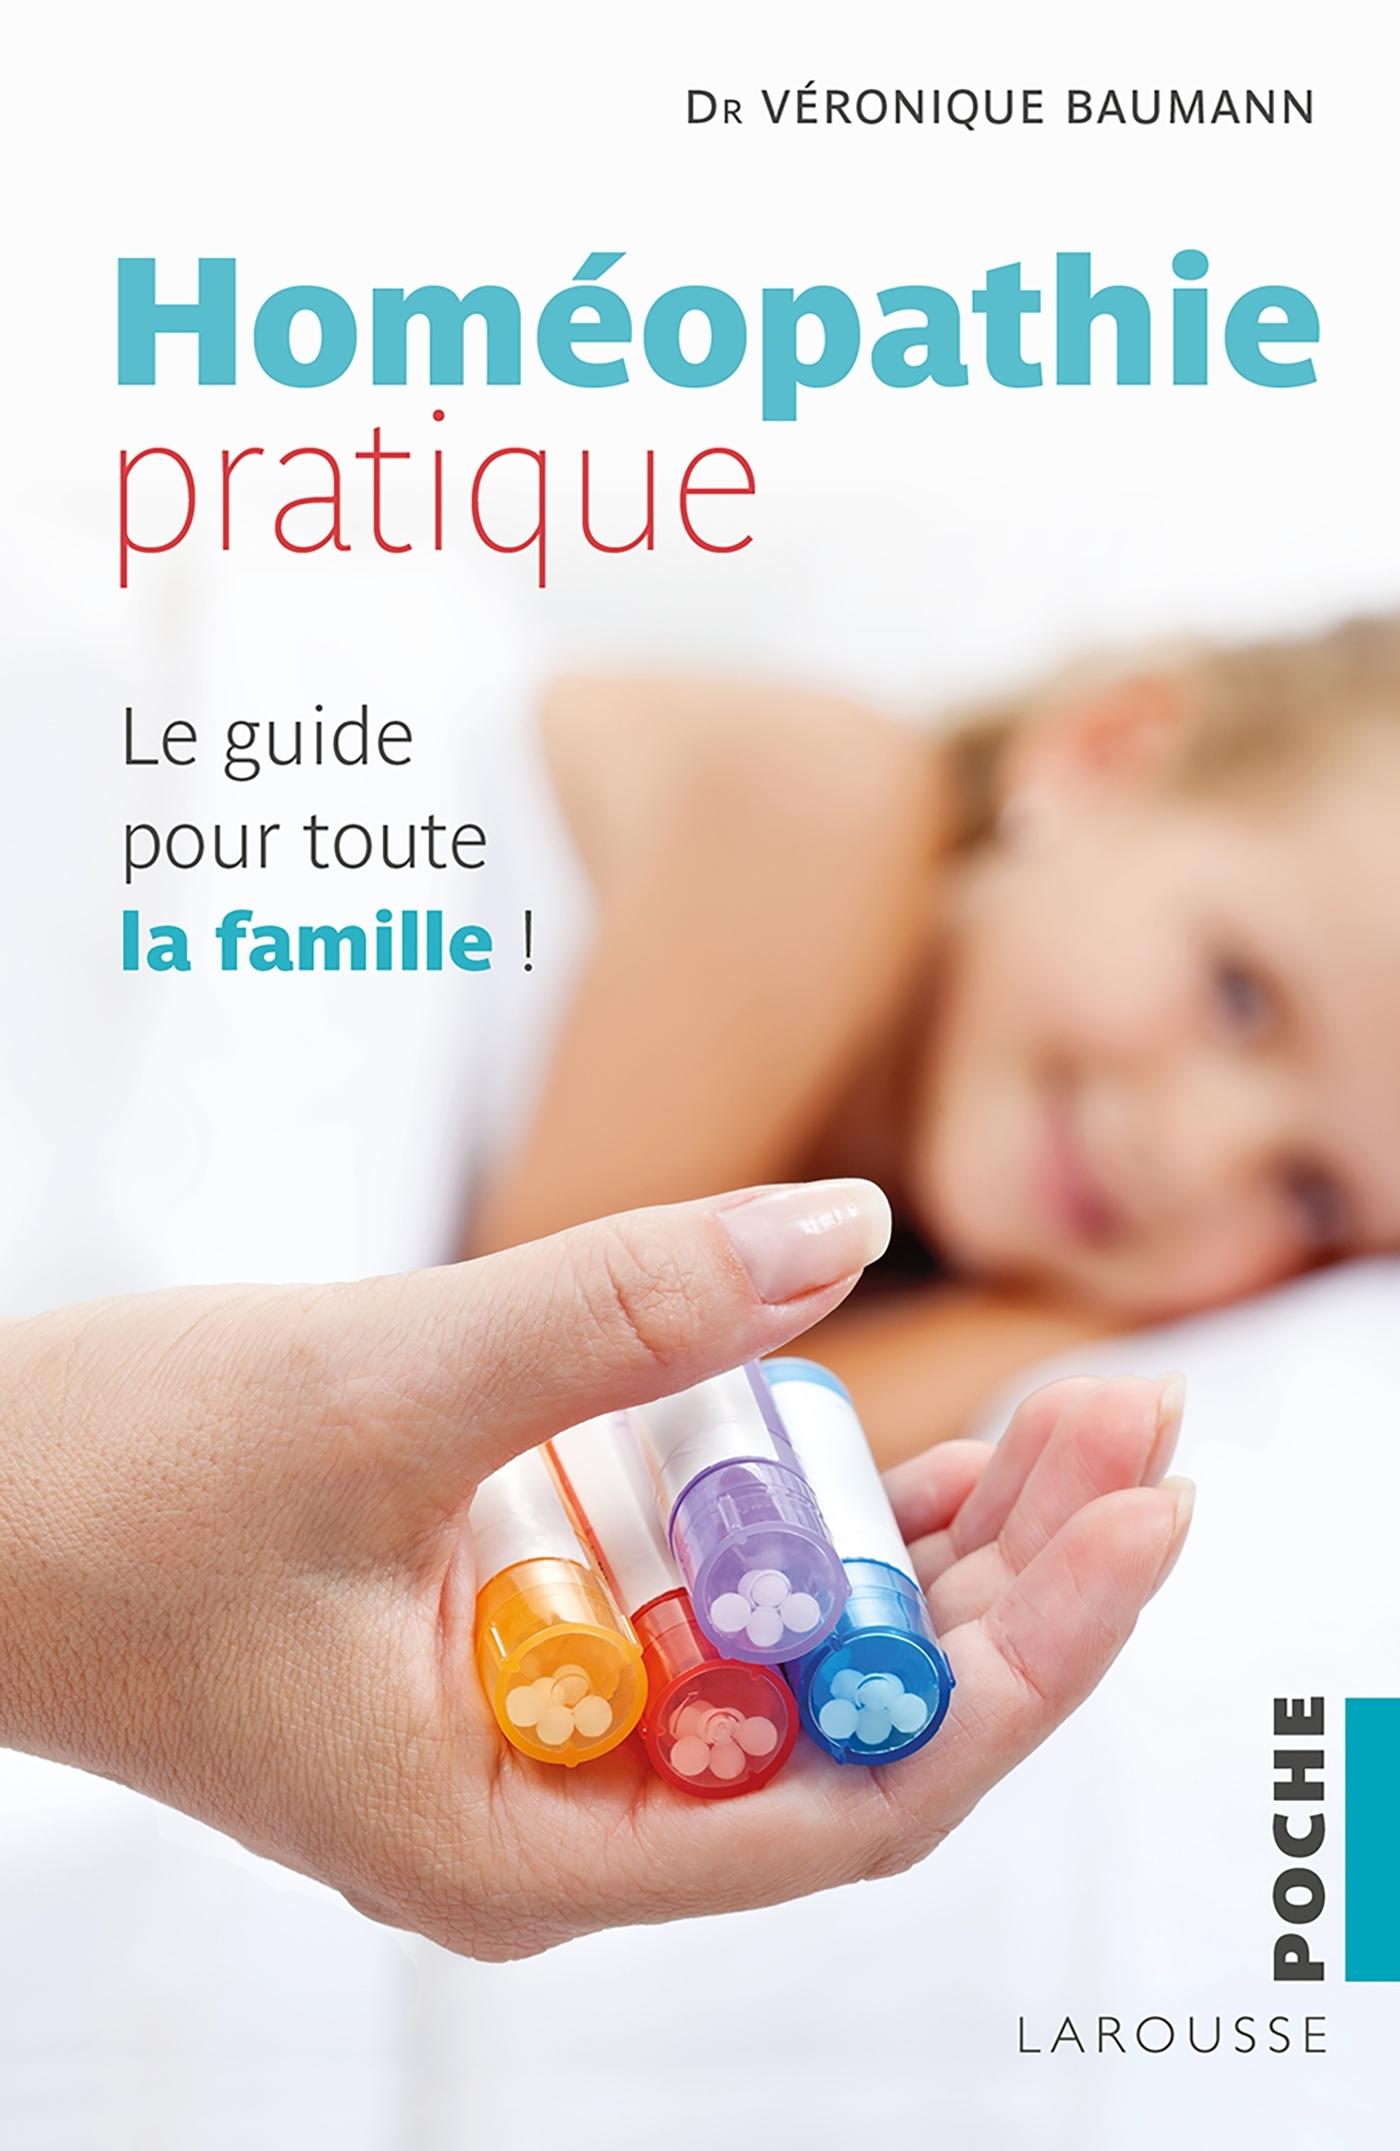 HOMEOPATHIE PRATIQUE - LE GUIDE POUR TOUTE LA FAMILLE